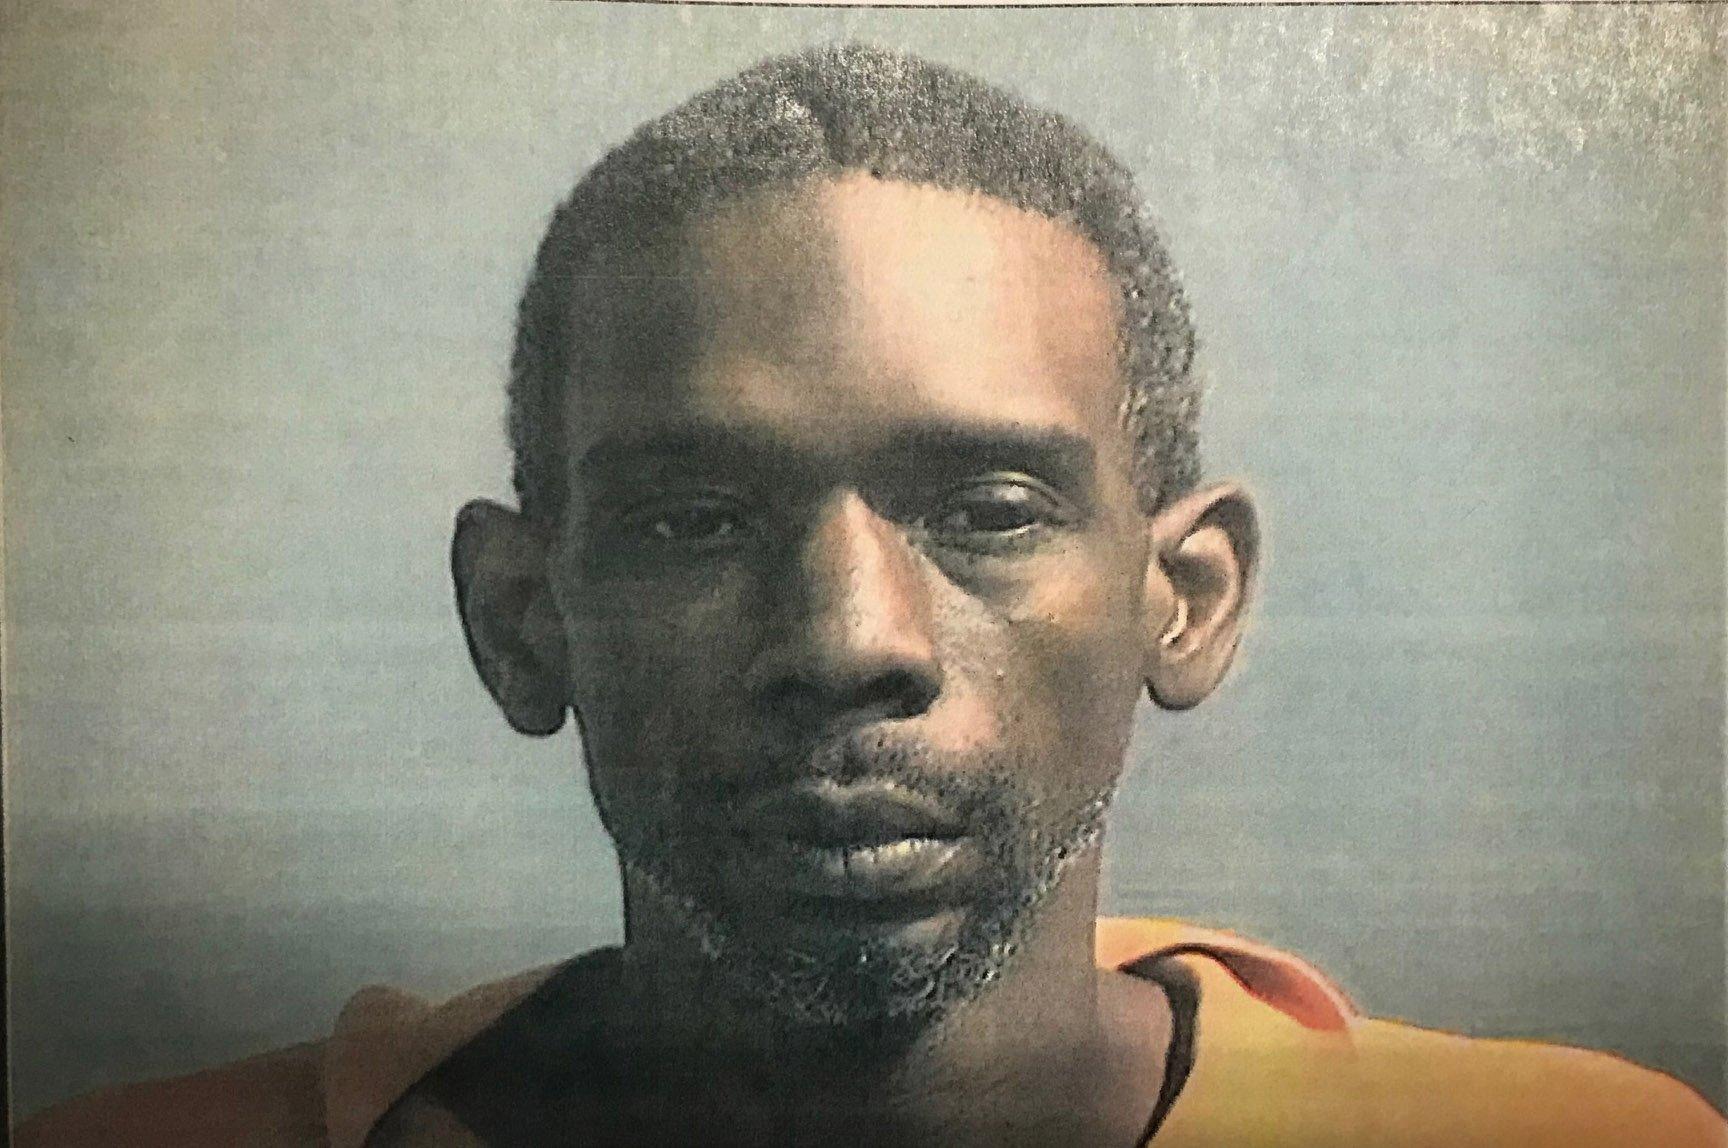 Corey Nolden (Source: Genesee County Jail)